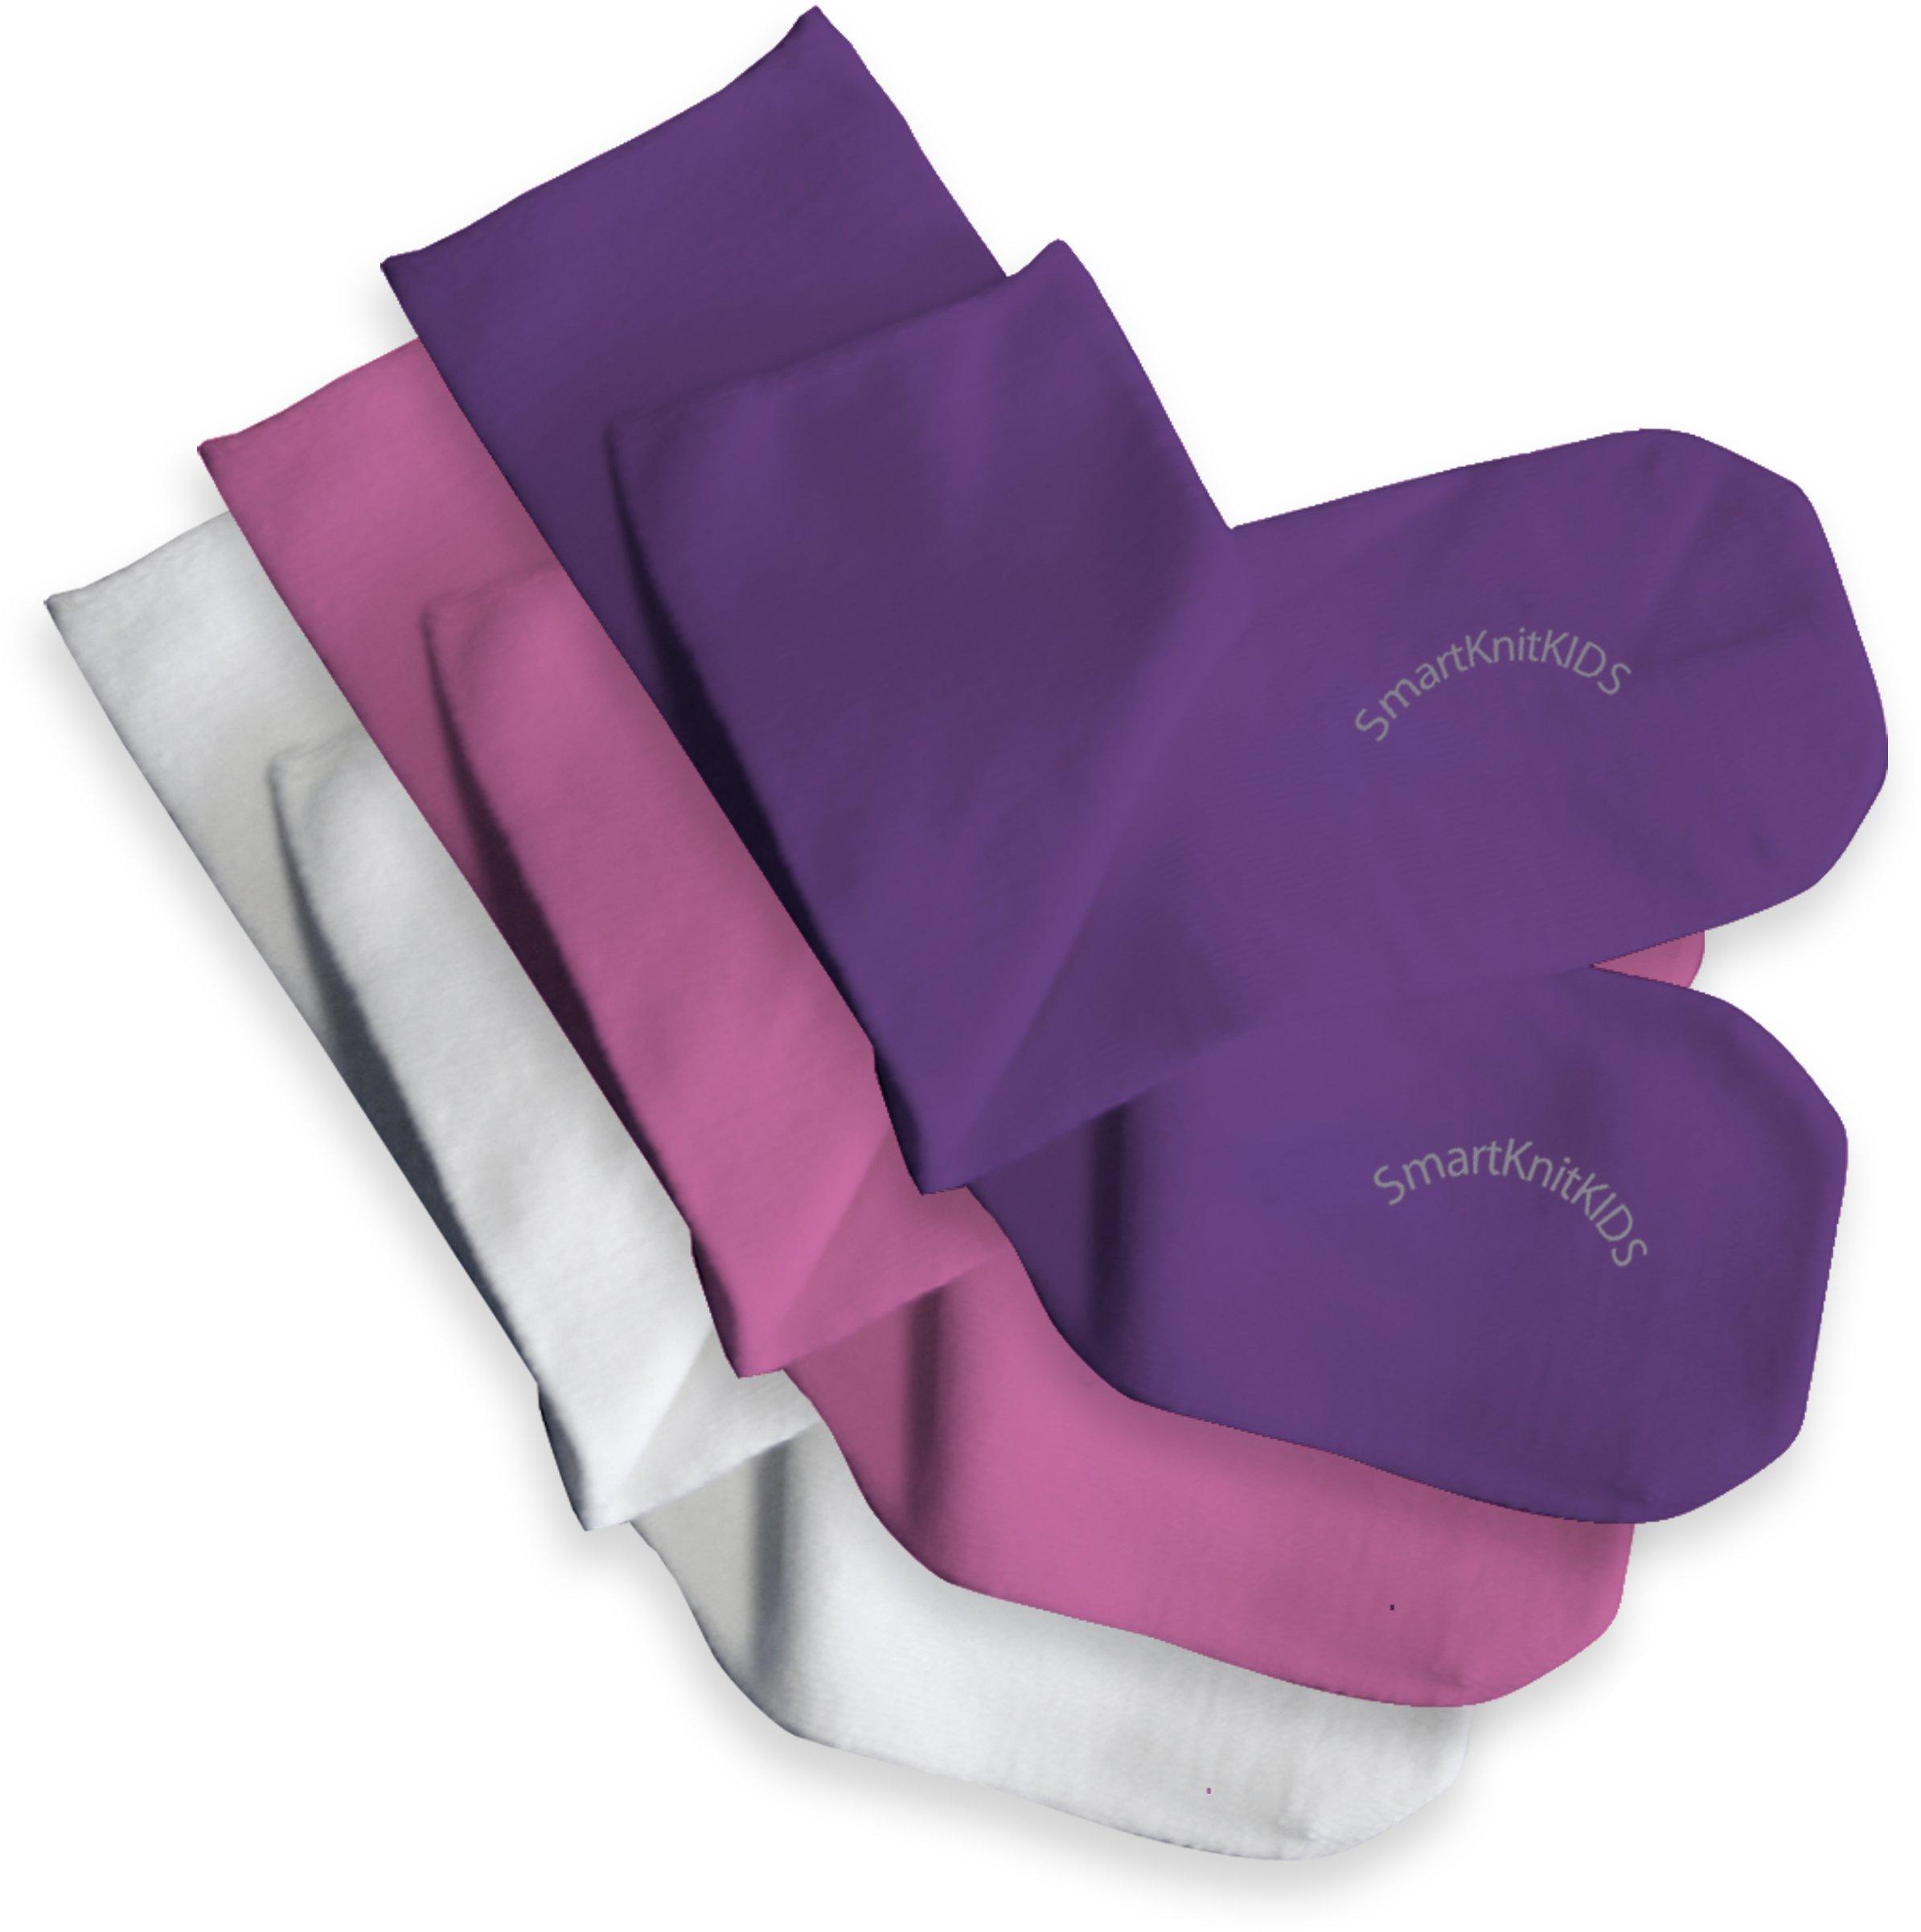 SmartKnitKIDS Seamless Sensitivity Socks - Girls' 3 Pack by SmartKnitKIDS